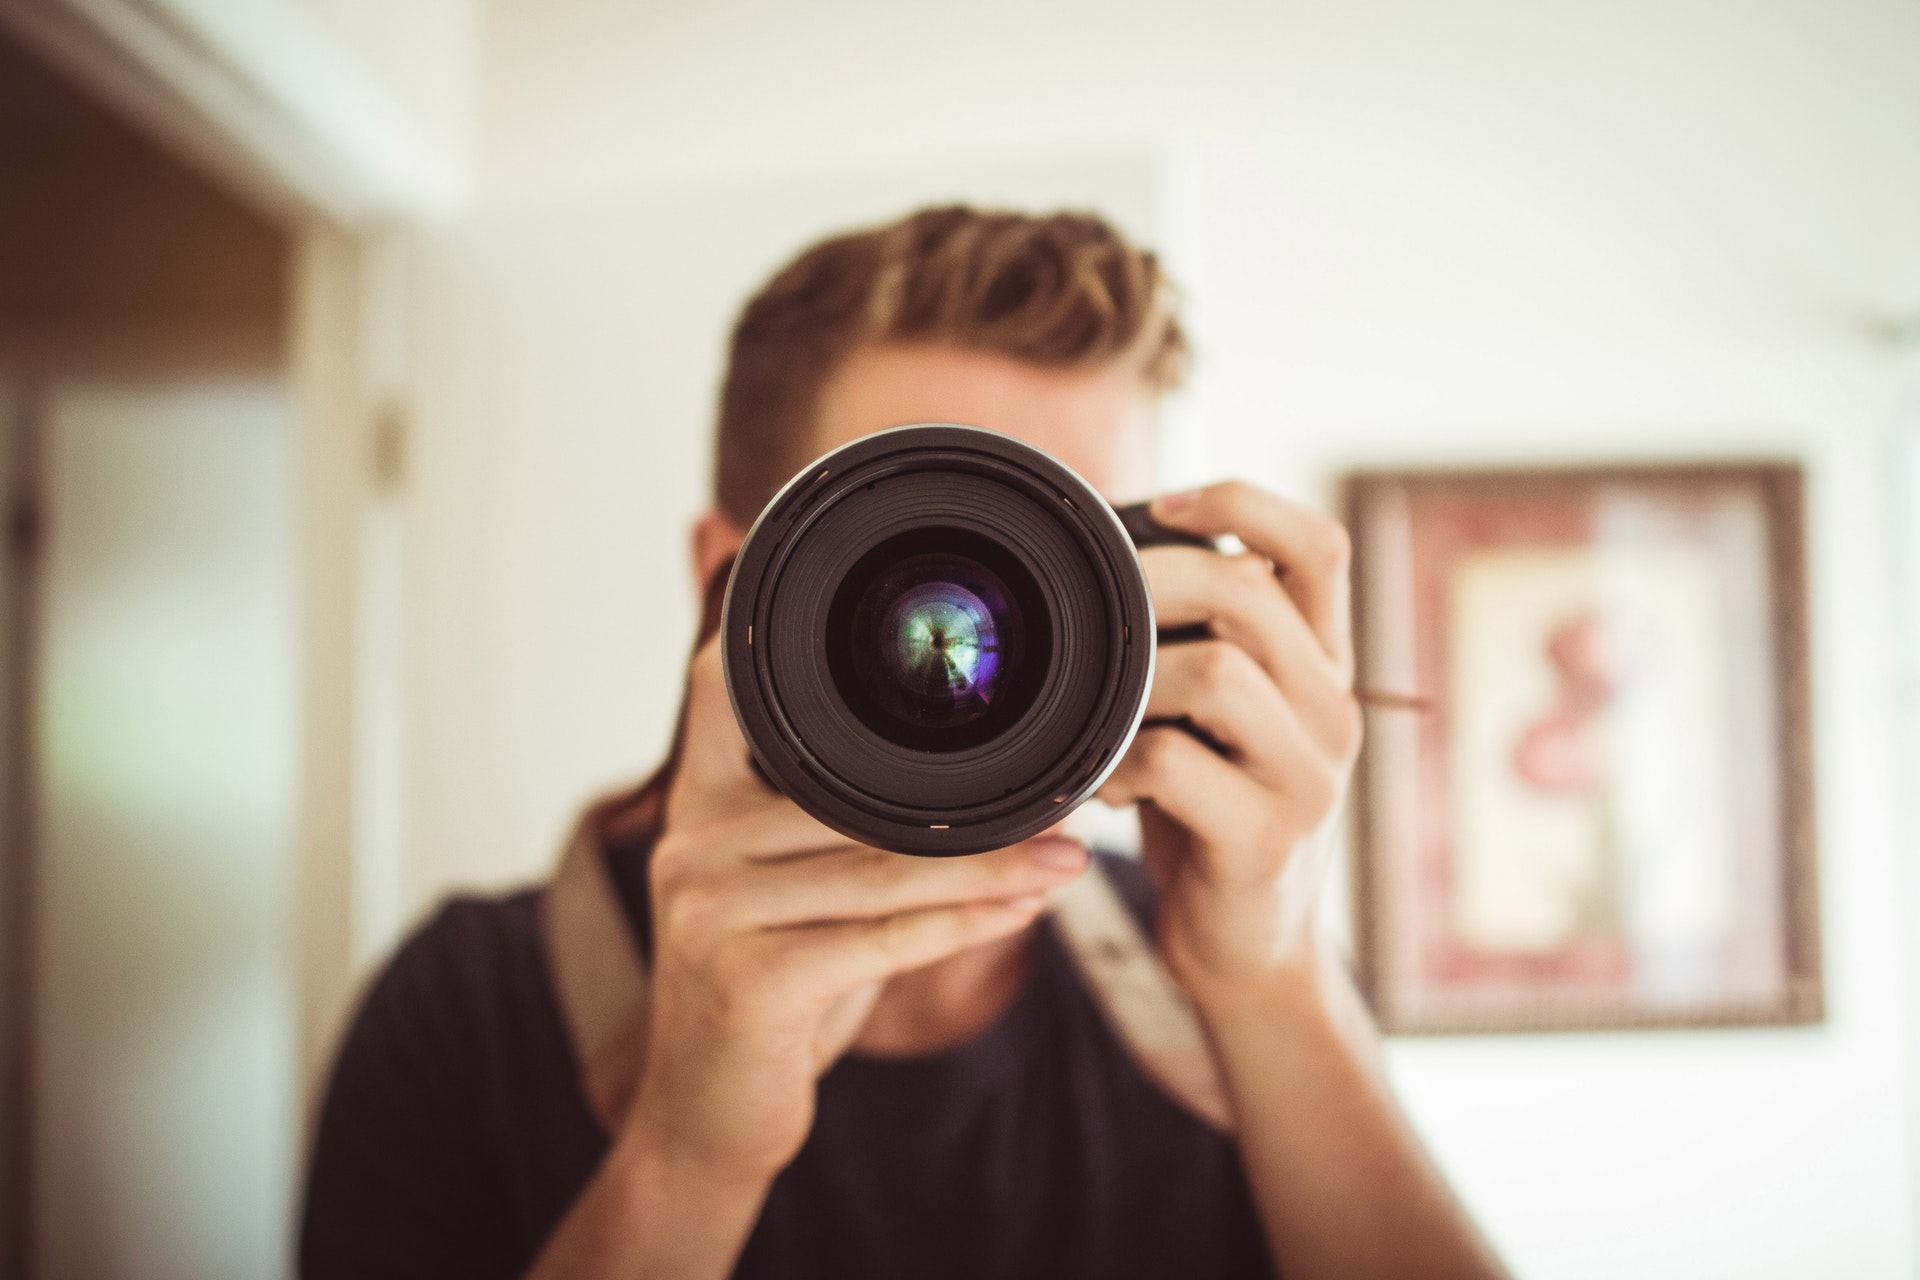 Vad får man fotografera?